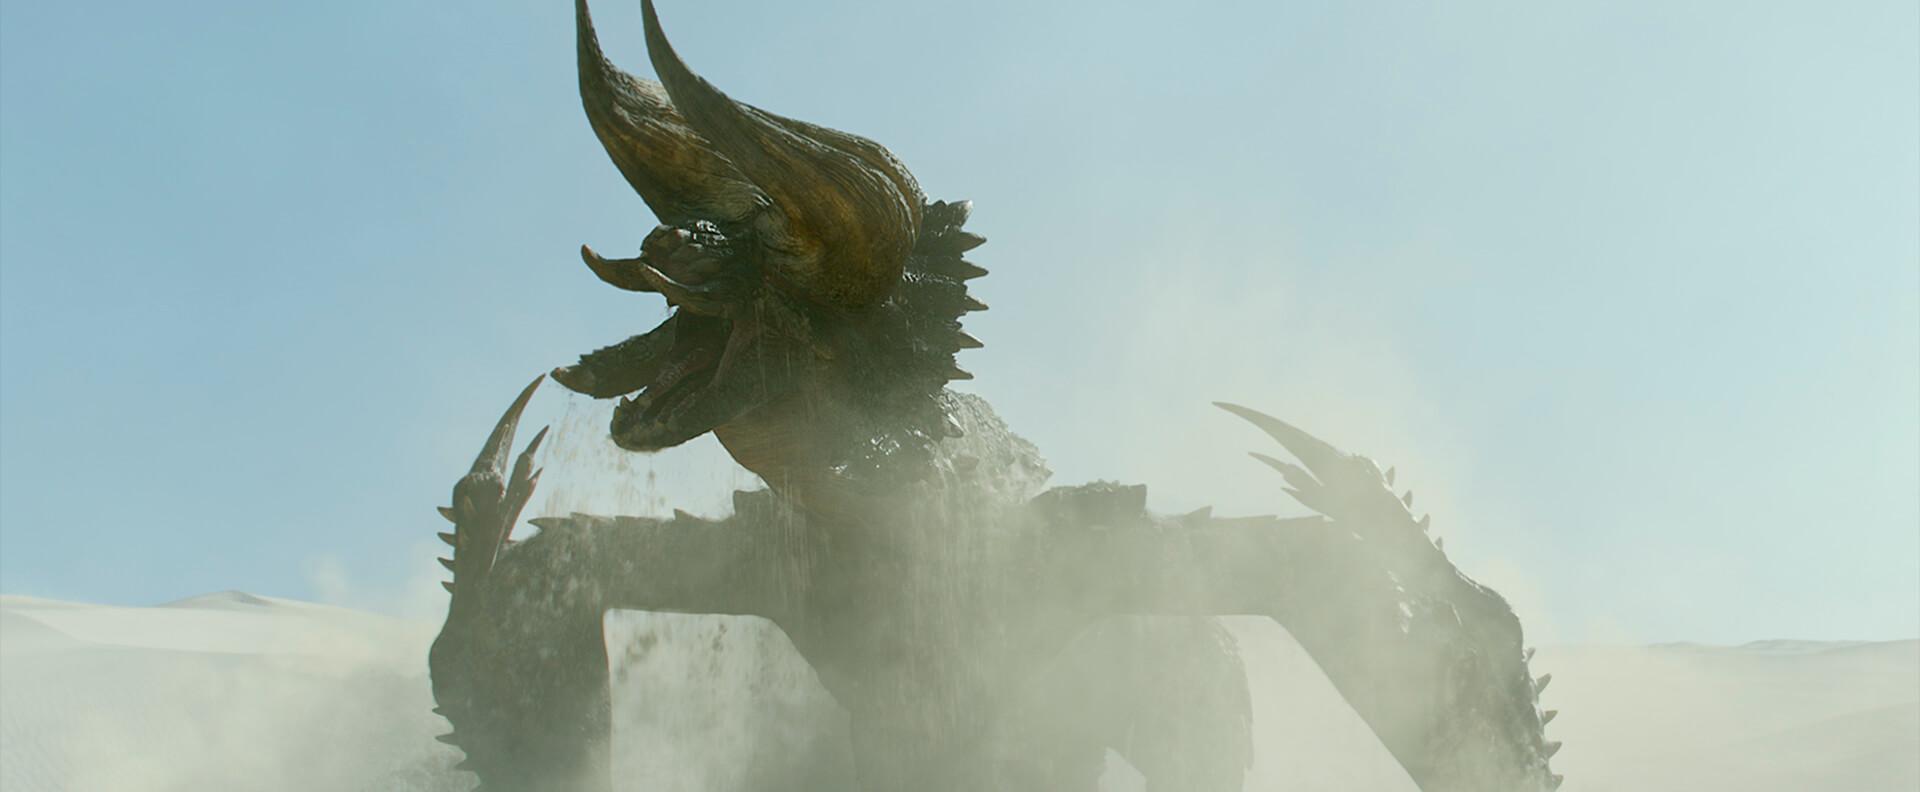 ついにリオレウス&ディアブロス亜種の姿も!ミラ・ジョヴォヴィッチ主演映画『モンスターハンター』の本予告映像が解禁 film201120_monsterhunter_5